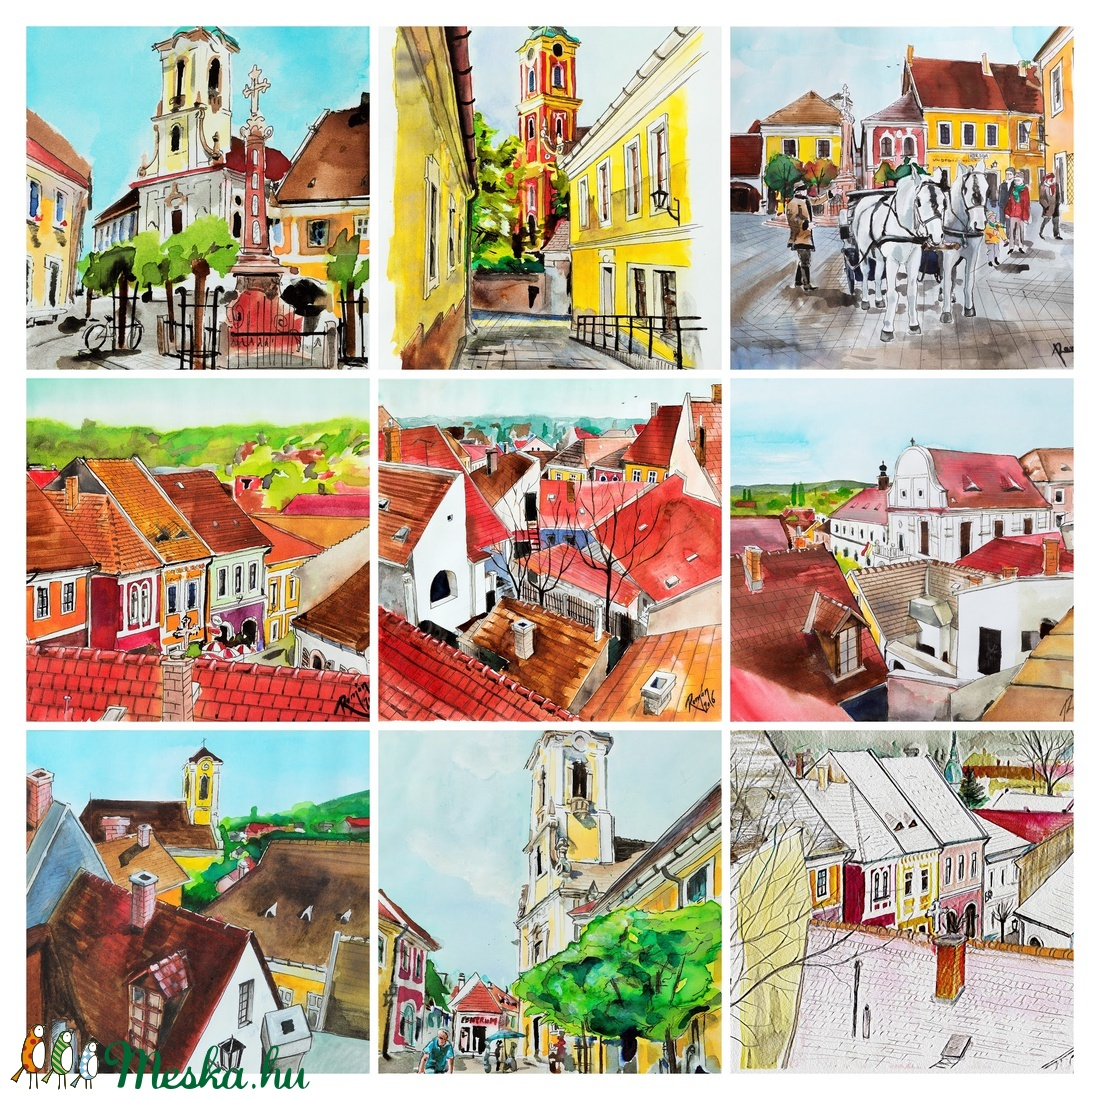 Szentendre, Szentendrei akvarell, Város, Városrészlet, szentendrei festmény, festmény (romandoramaria) Meska.hu